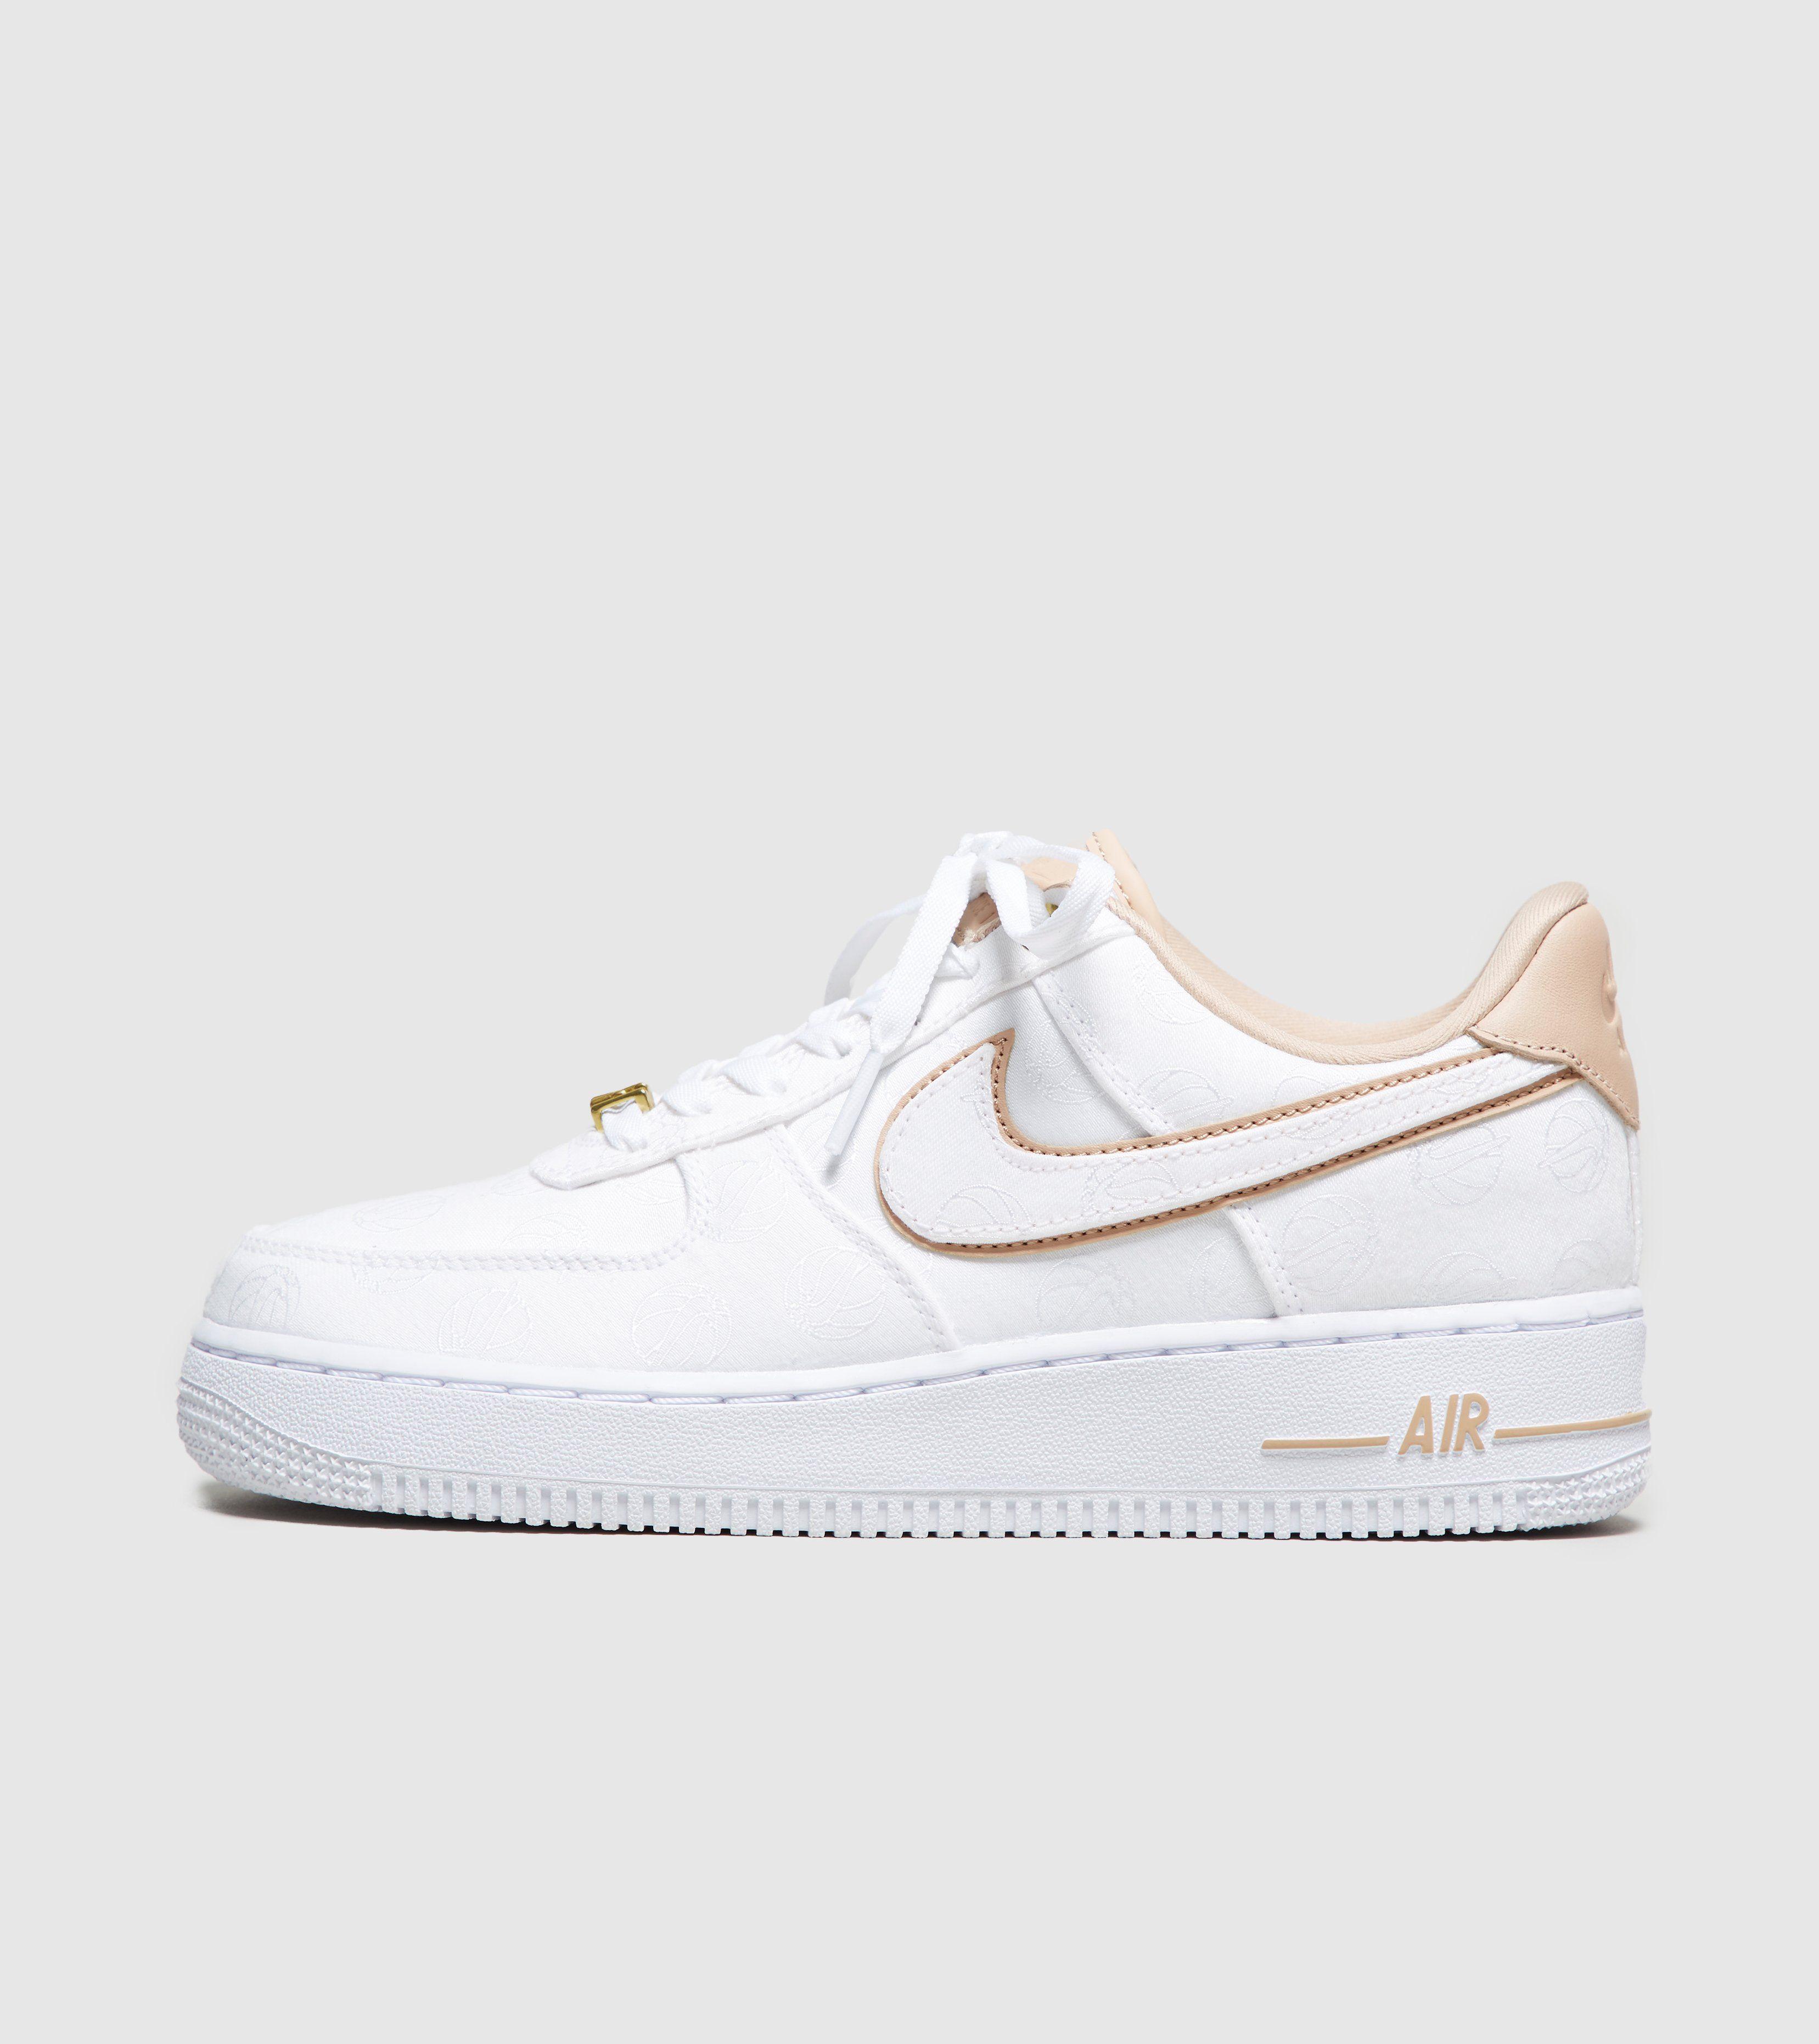 Nike Air Force 1 07 Premium Low Damenschuh Segeln WeißLicht KnochenWeiß 896185 100